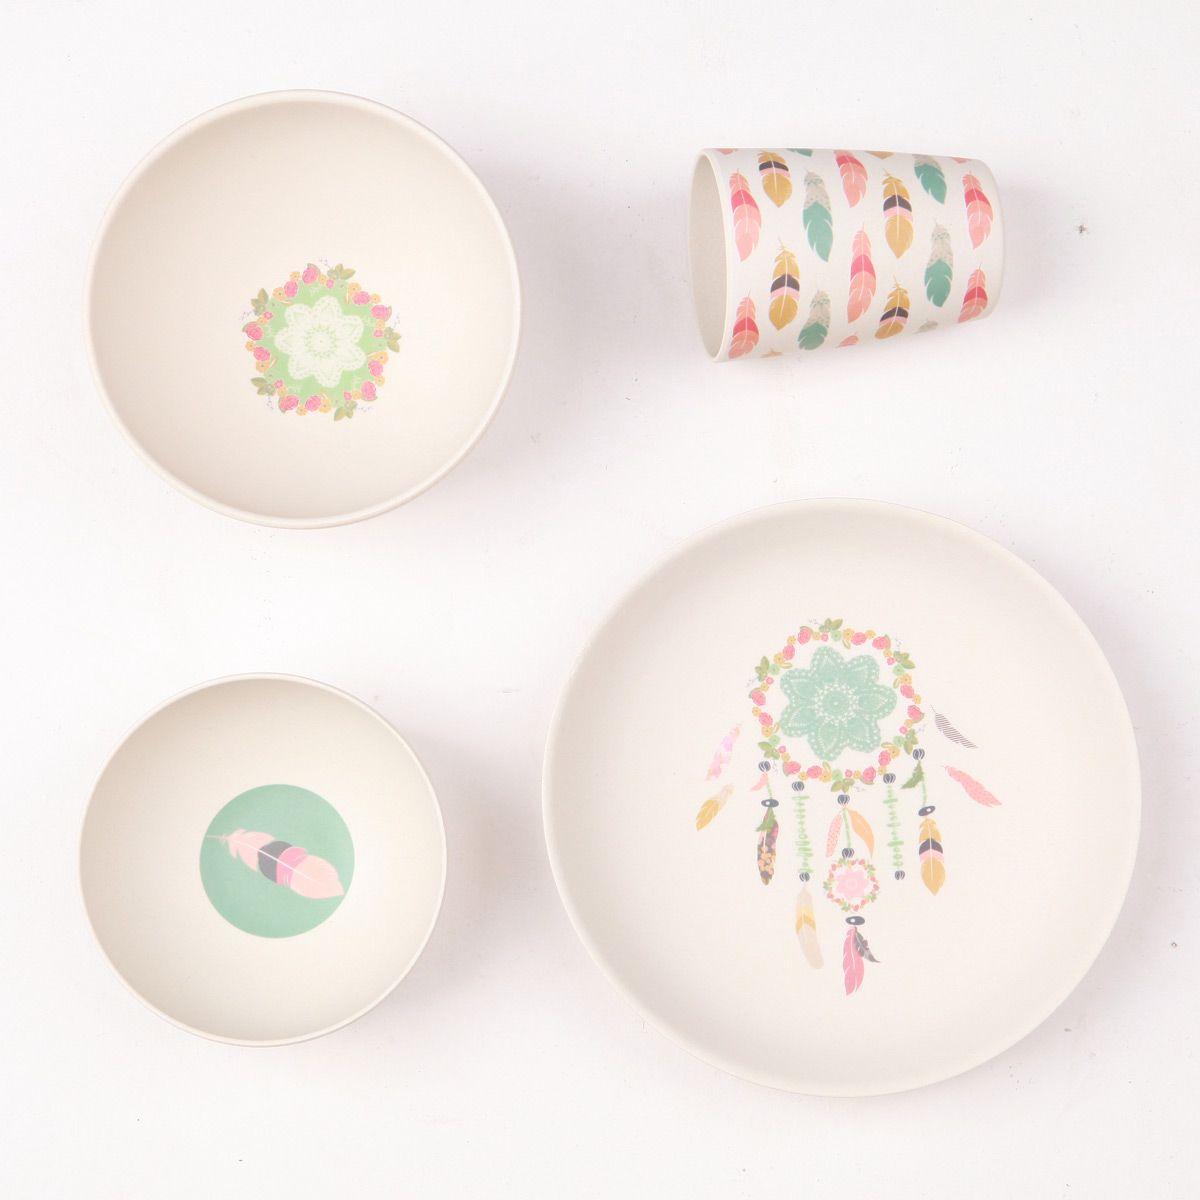 les sets de vaisselle love mae sont constitu s de 4 pi ces en bambou id al pour le b b. Black Bedroom Furniture Sets. Home Design Ideas